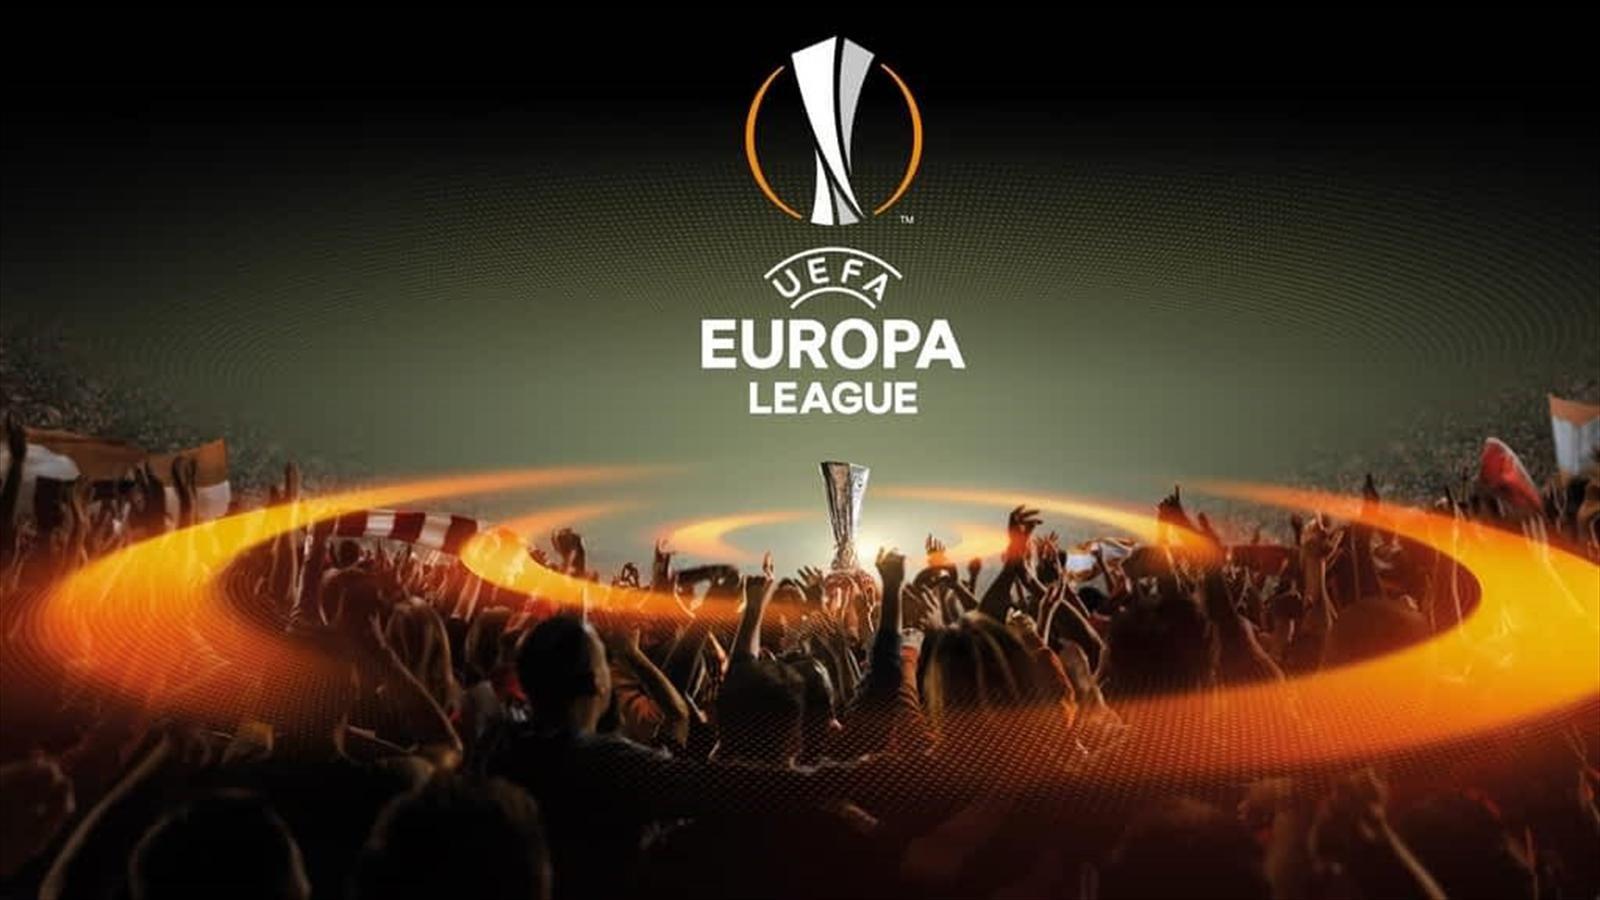 Publikohen datat për ndeshjet në Europa League 2020/21